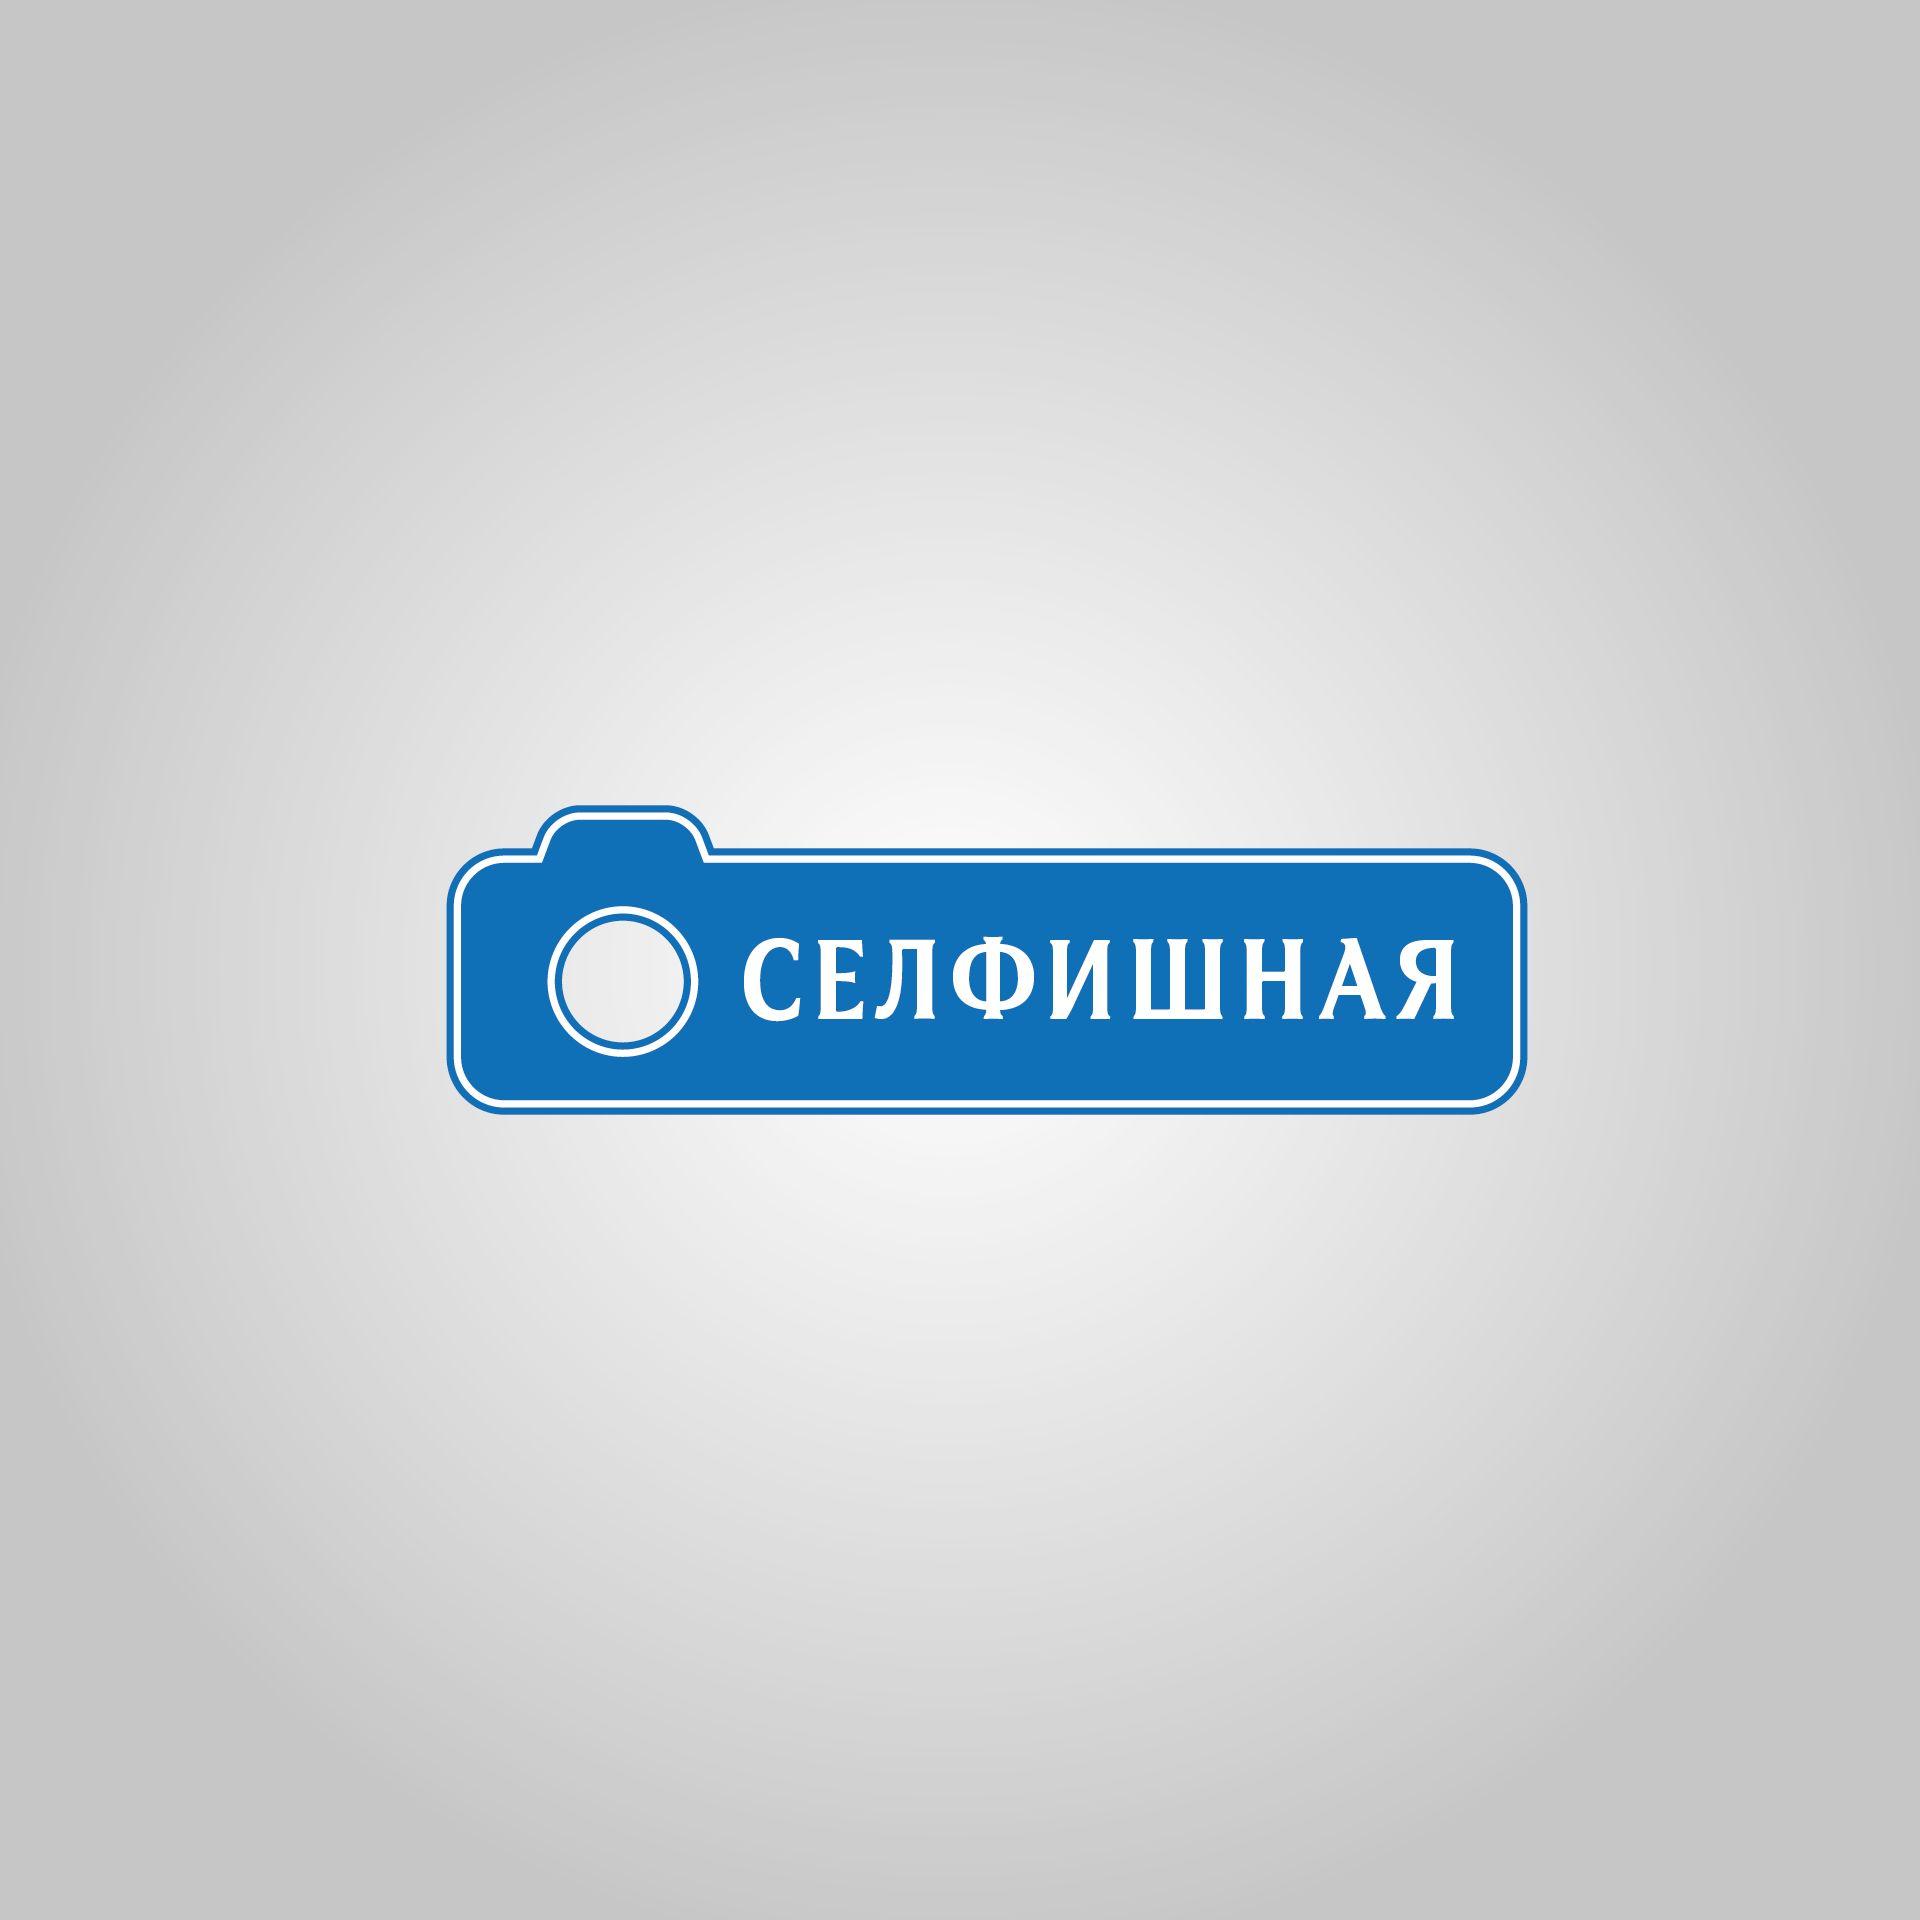 Лого и фирменный стиль для